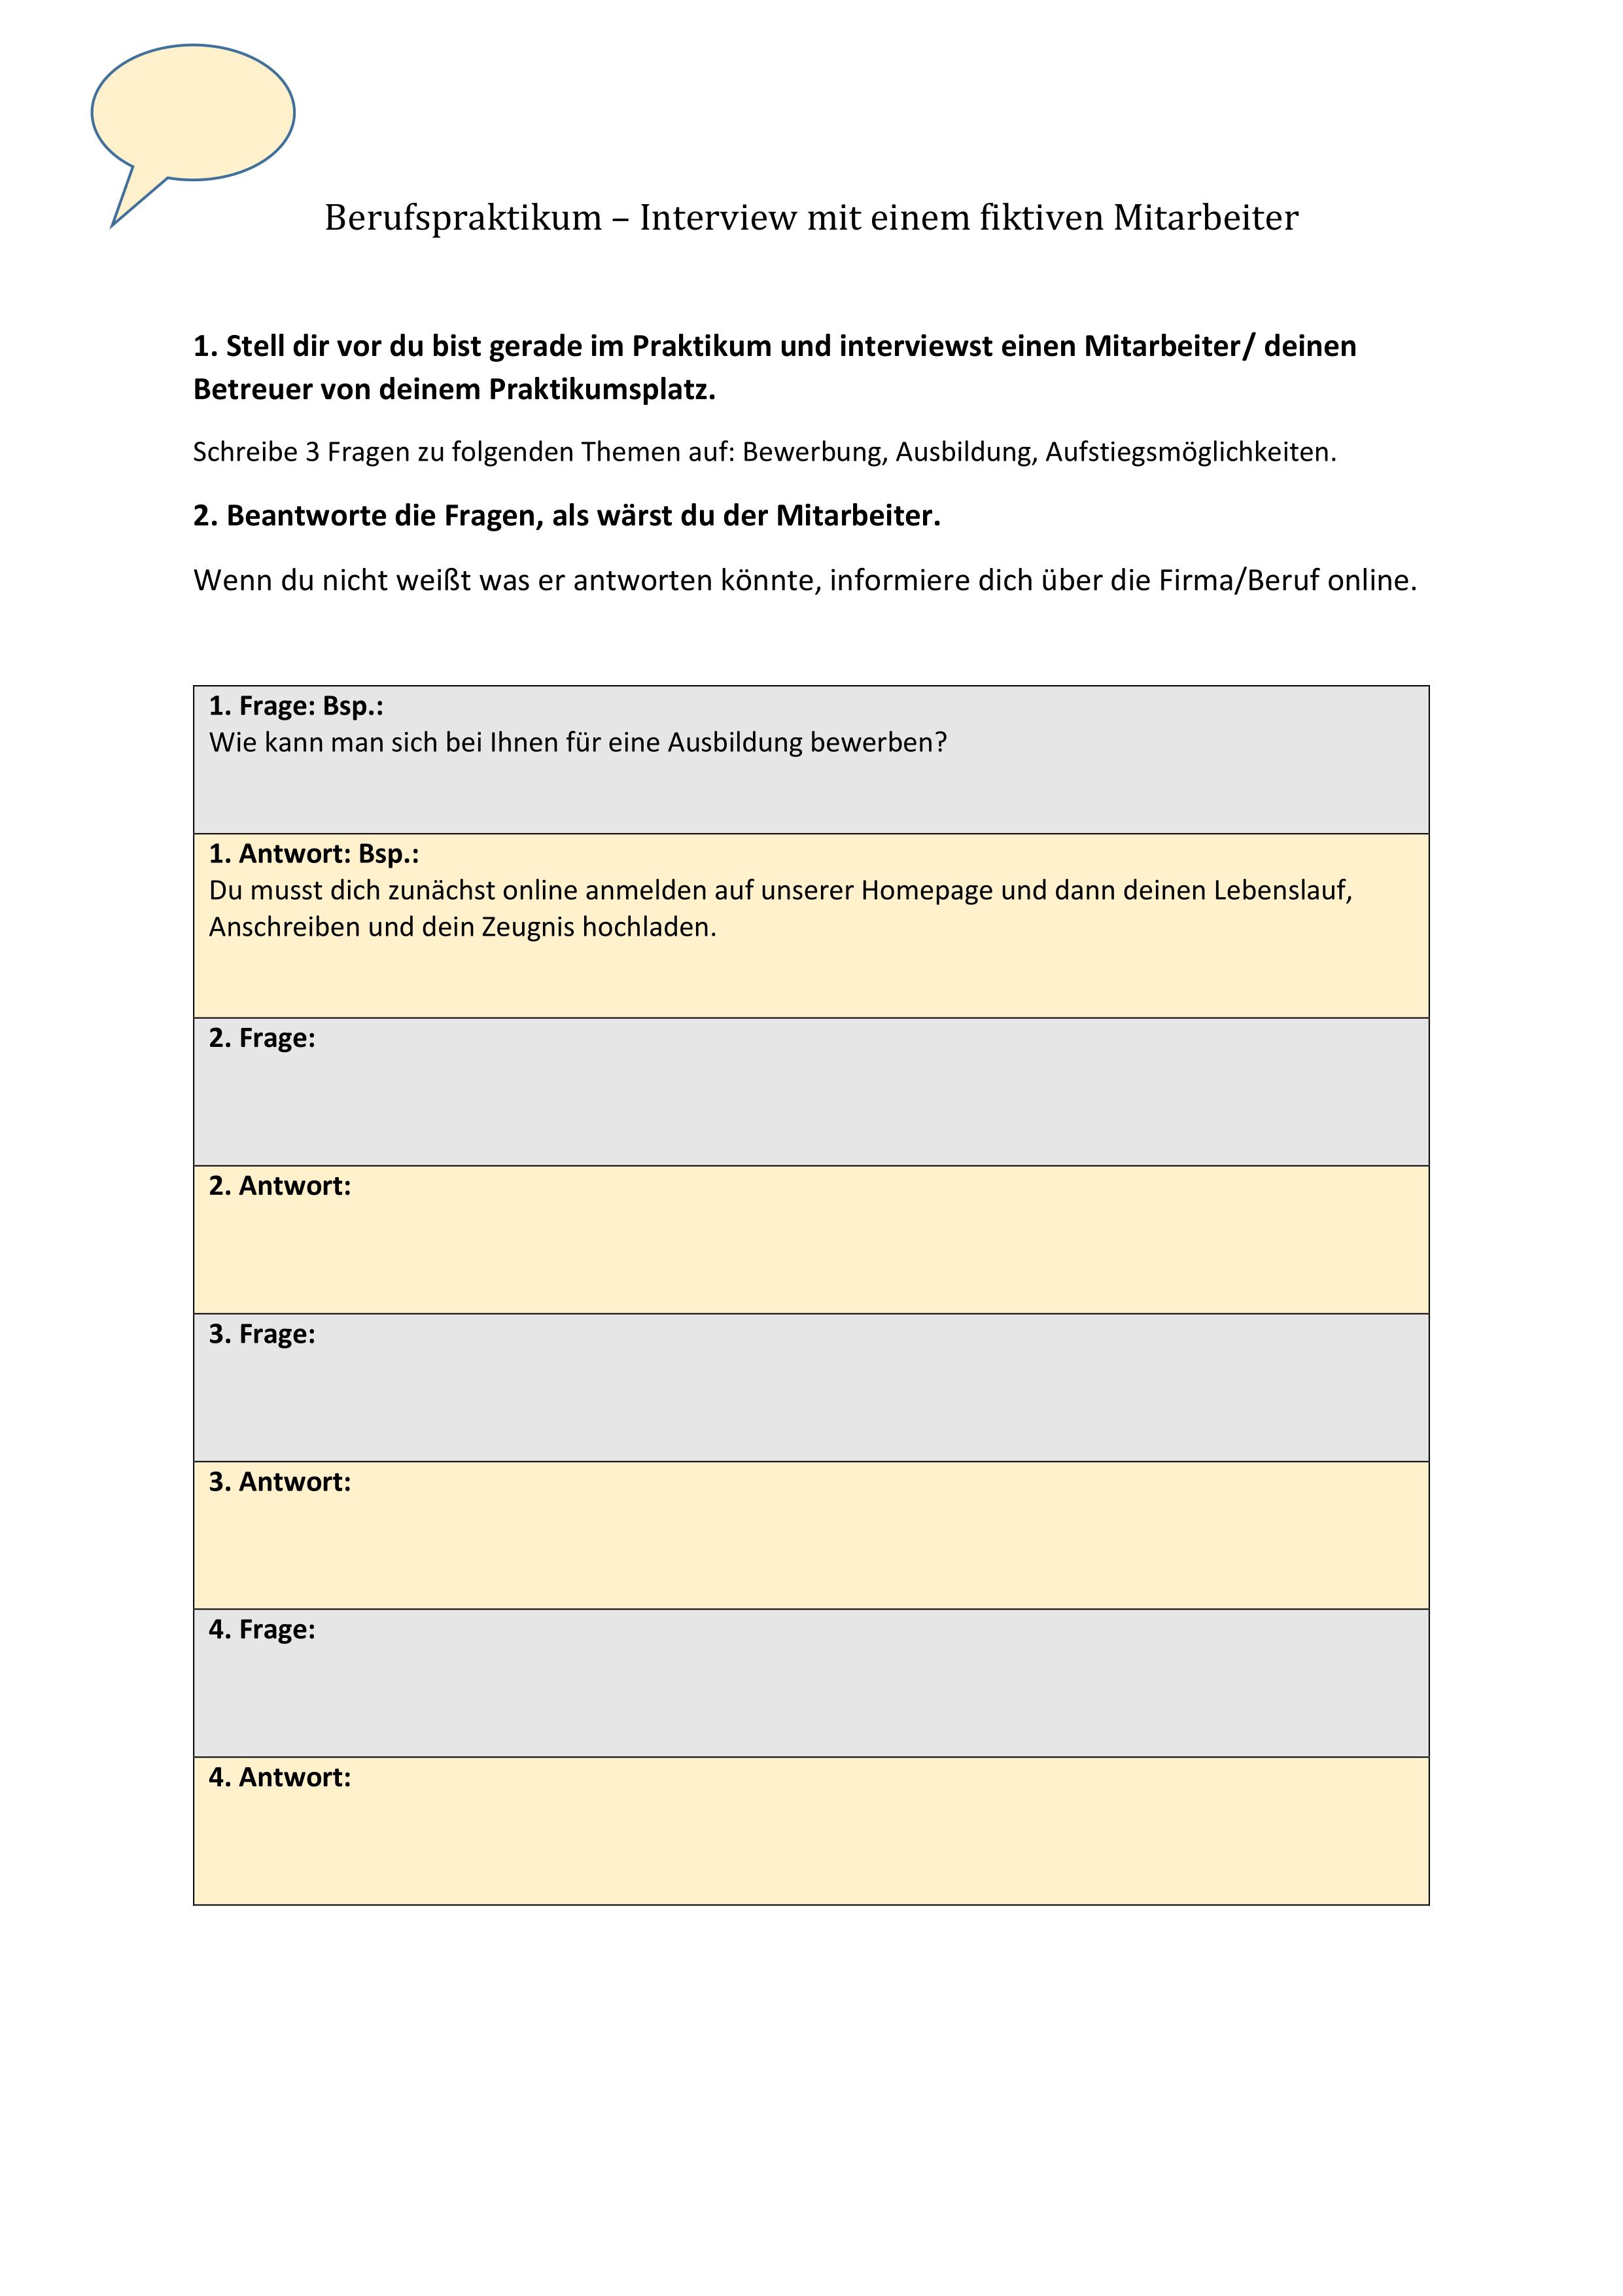 Berufspraktikum Interview Unterrichtsmaterial In Den Fachern Arbeitslehre Deutsch Praktikumsbericht Interview Unterrichtsvorbereitung